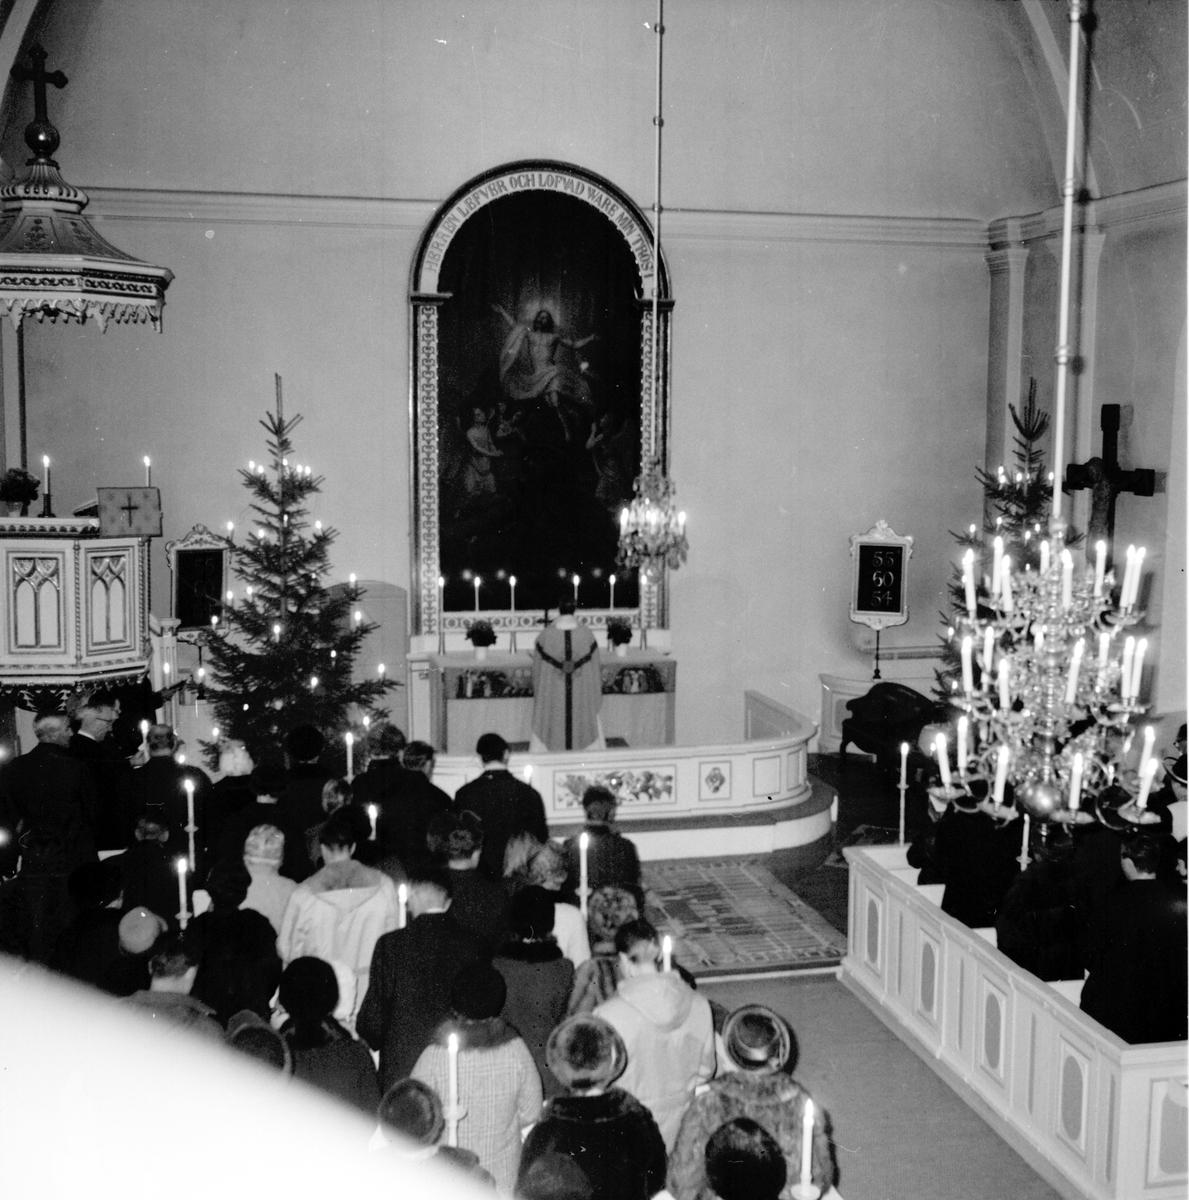 Undersvik, Julottan, Ny alba, Söndagsskolavslutning, 1969